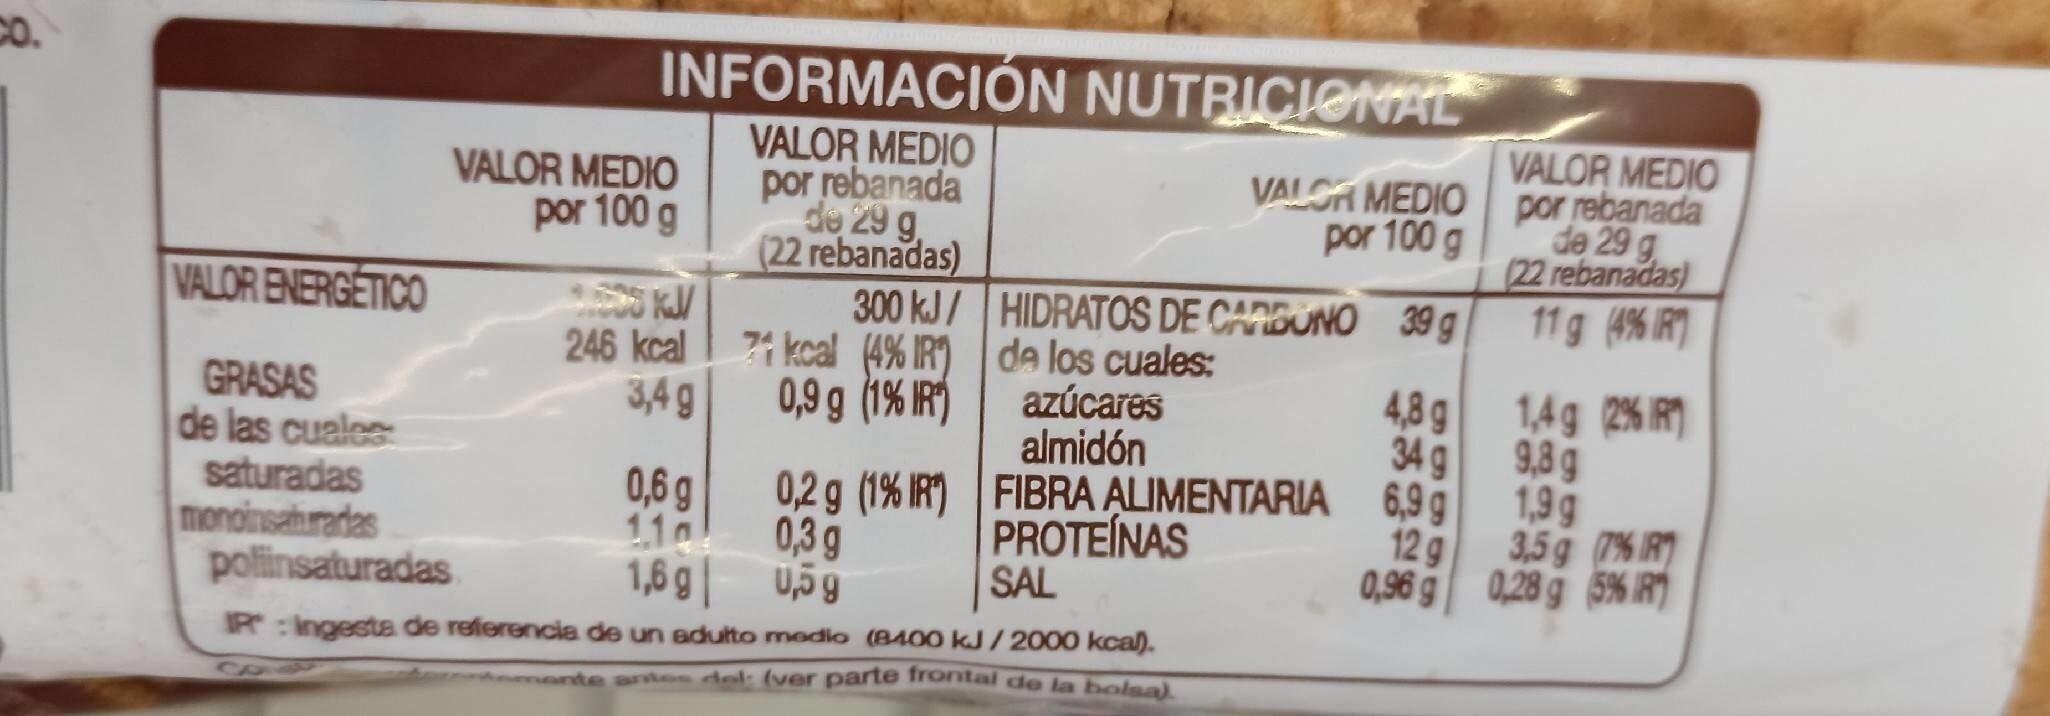 Silueta pan de molde integral cereales completo - Nutrition facts - es